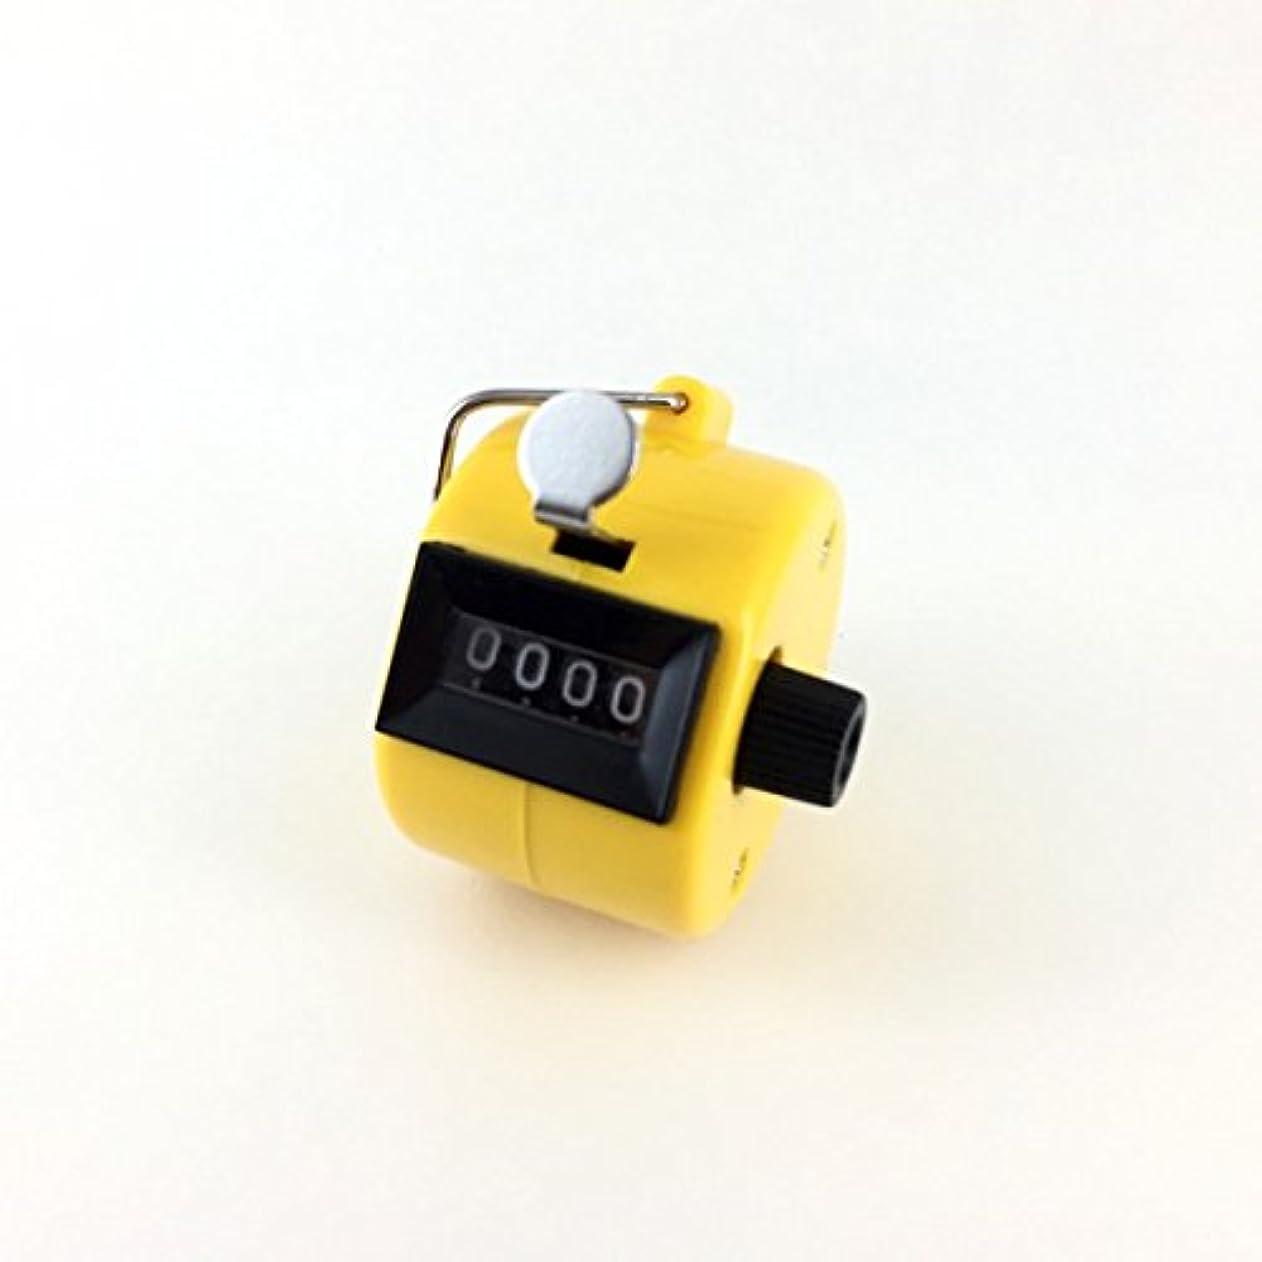 ヒューズ全能作成者エクステカウンター 手持ちホルダー付き 数取器 まつげエクステ用品 カラー4色 (イエロー)